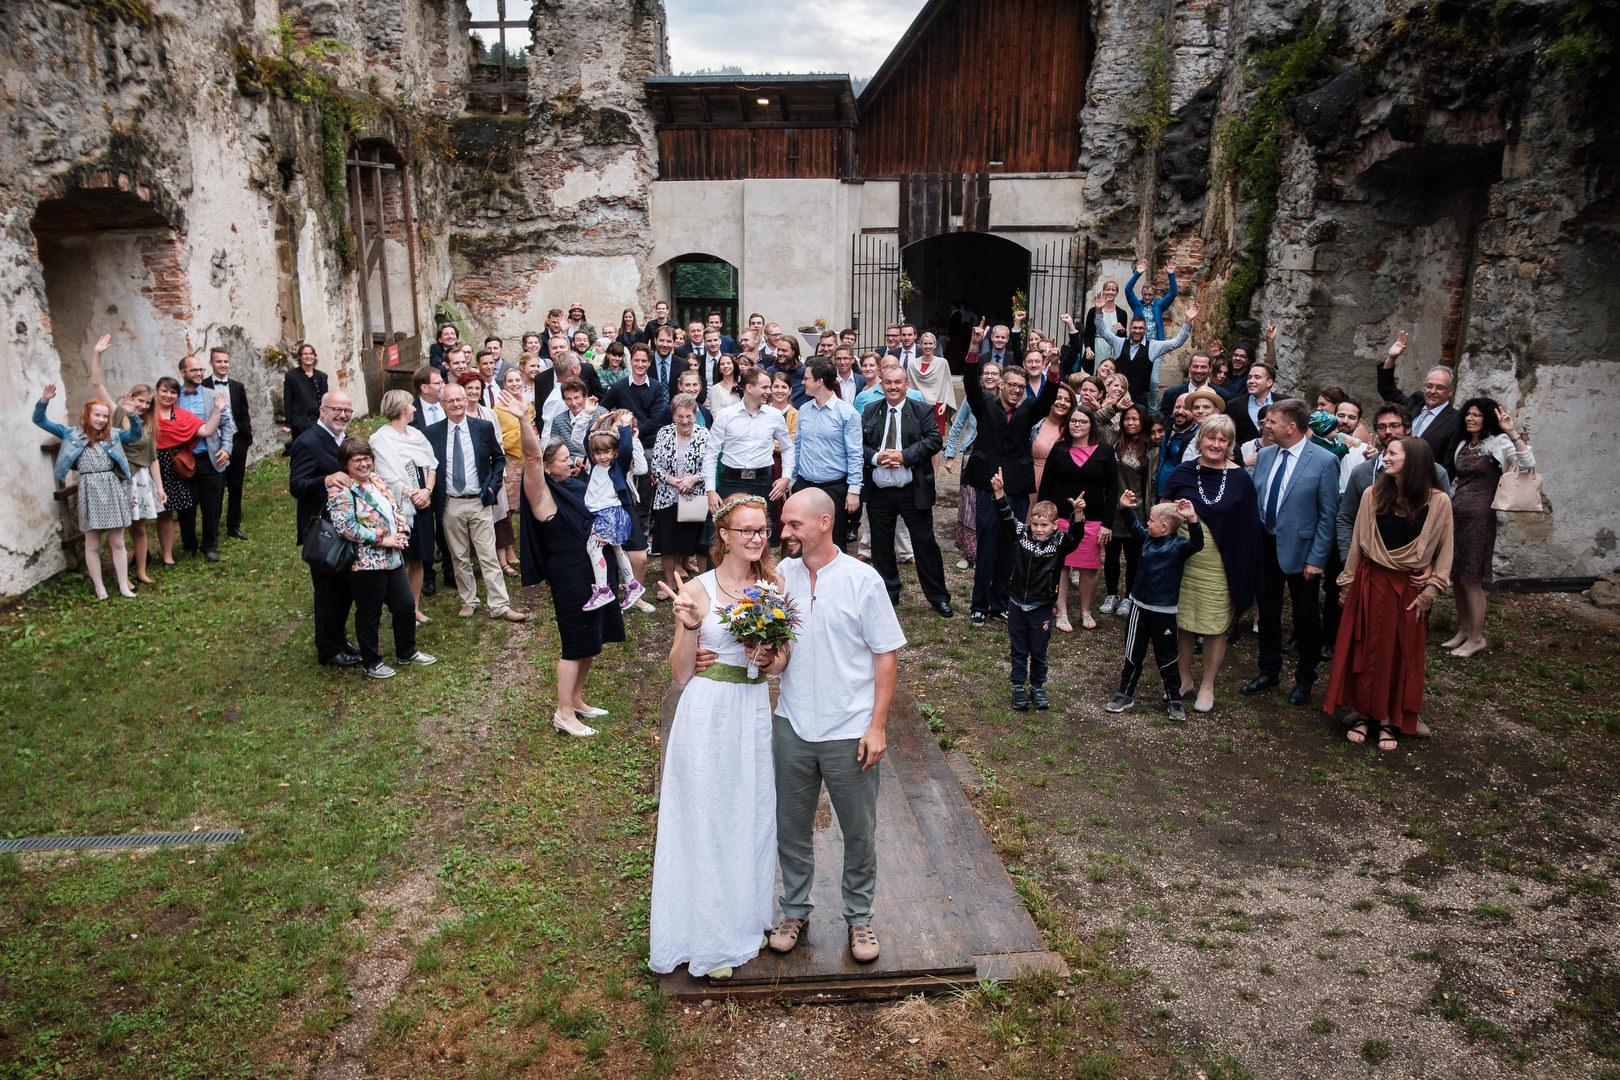 BohoHochzeit auf der Burg Reichenstein Christina und Michael